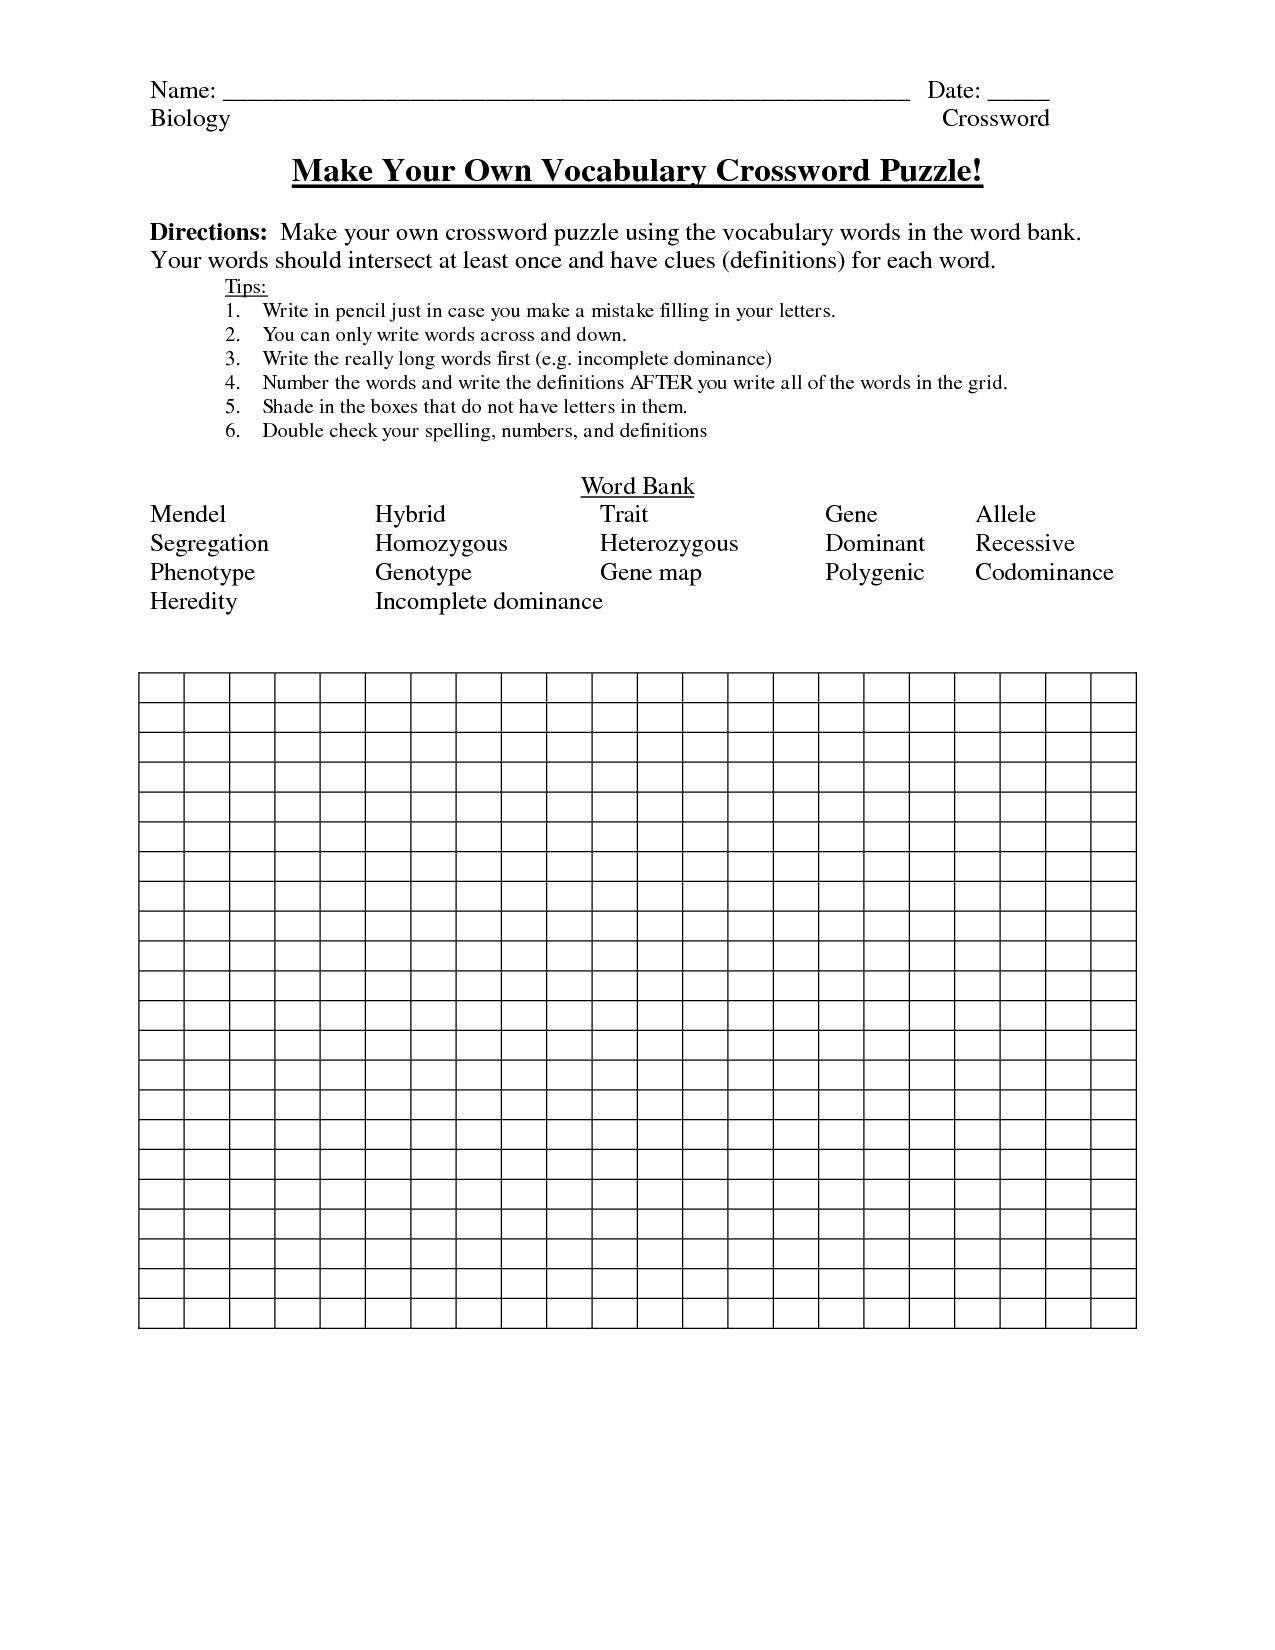 Crosswords Crossword Puzzle Make Your ~ Themarketonholly - Make Your Own Crossword Puzzle Free Printable